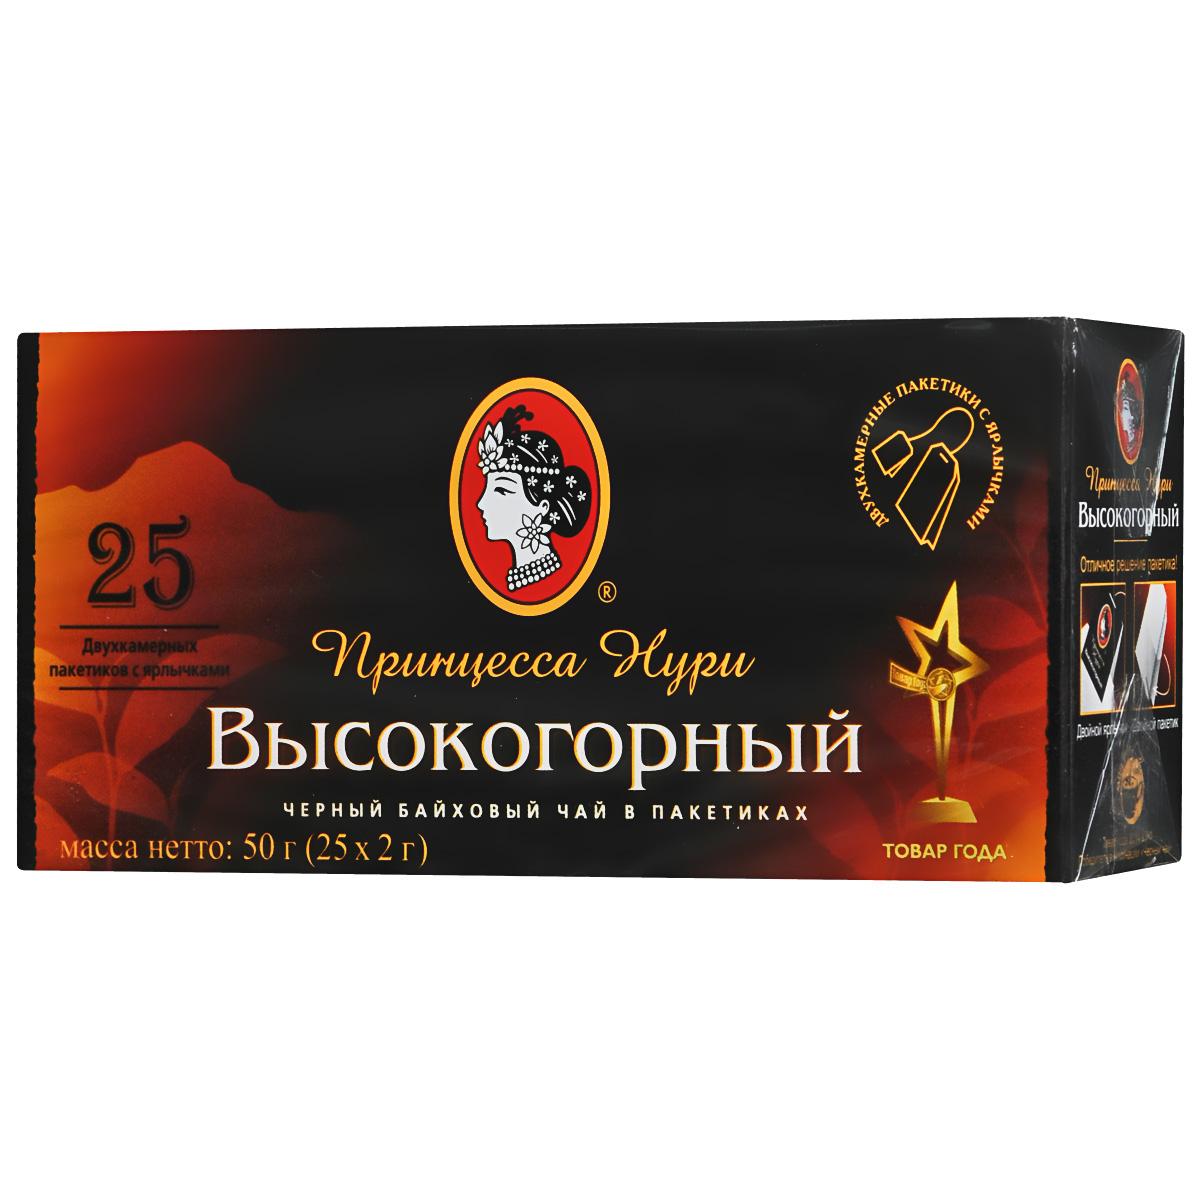 Принцесса Нури Высокогорный черный чай в пакетиках, 25 шт